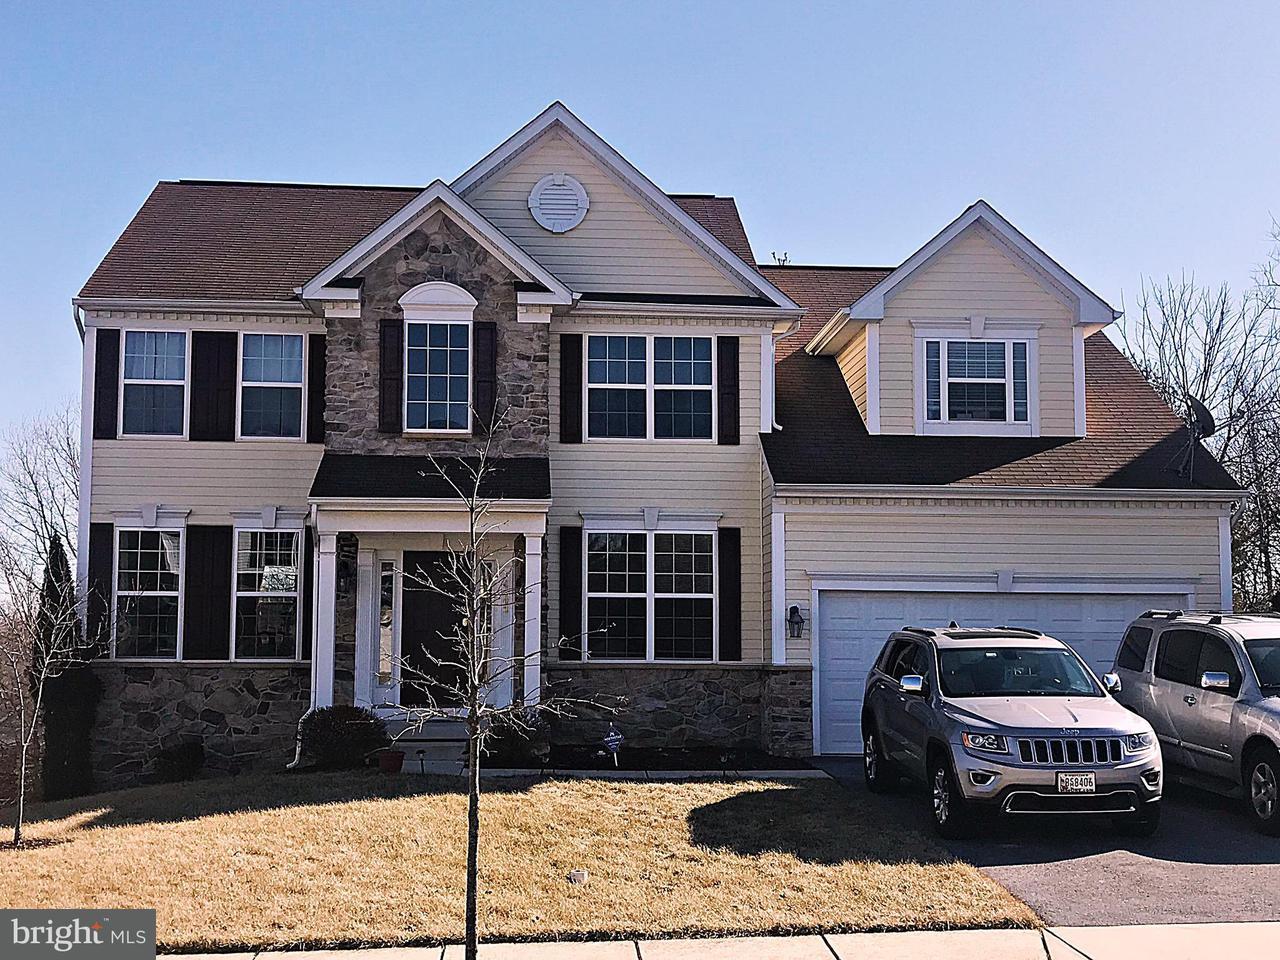 一戸建て のために 売買 アット 4103 Kiwi Court 4103 Kiwi Court Randallstown, メリーランド 21133 アメリカ合衆国